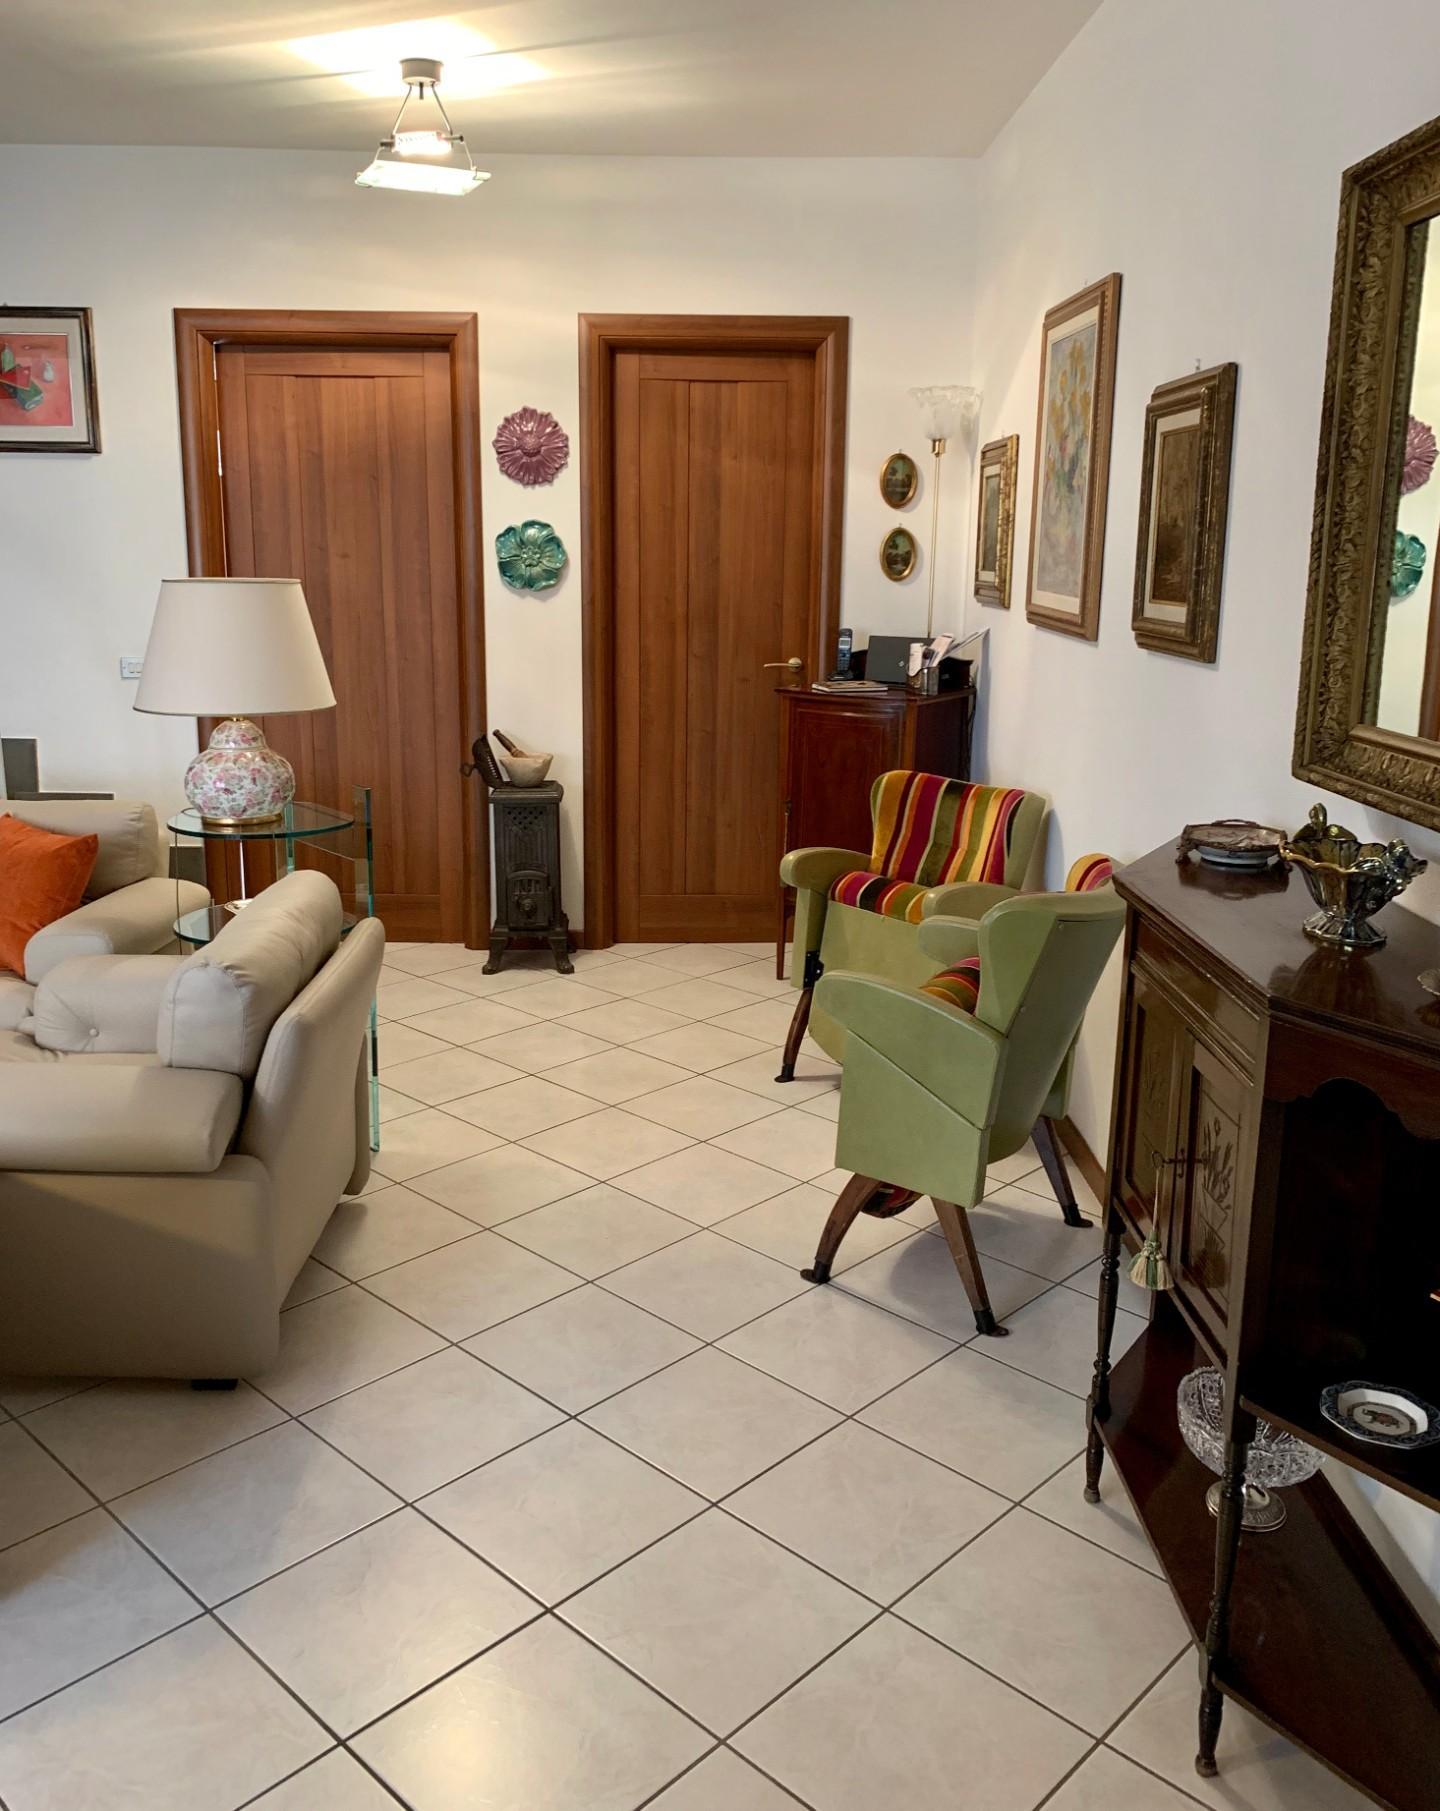 Villetta a schiera in vendita, rif. 6846